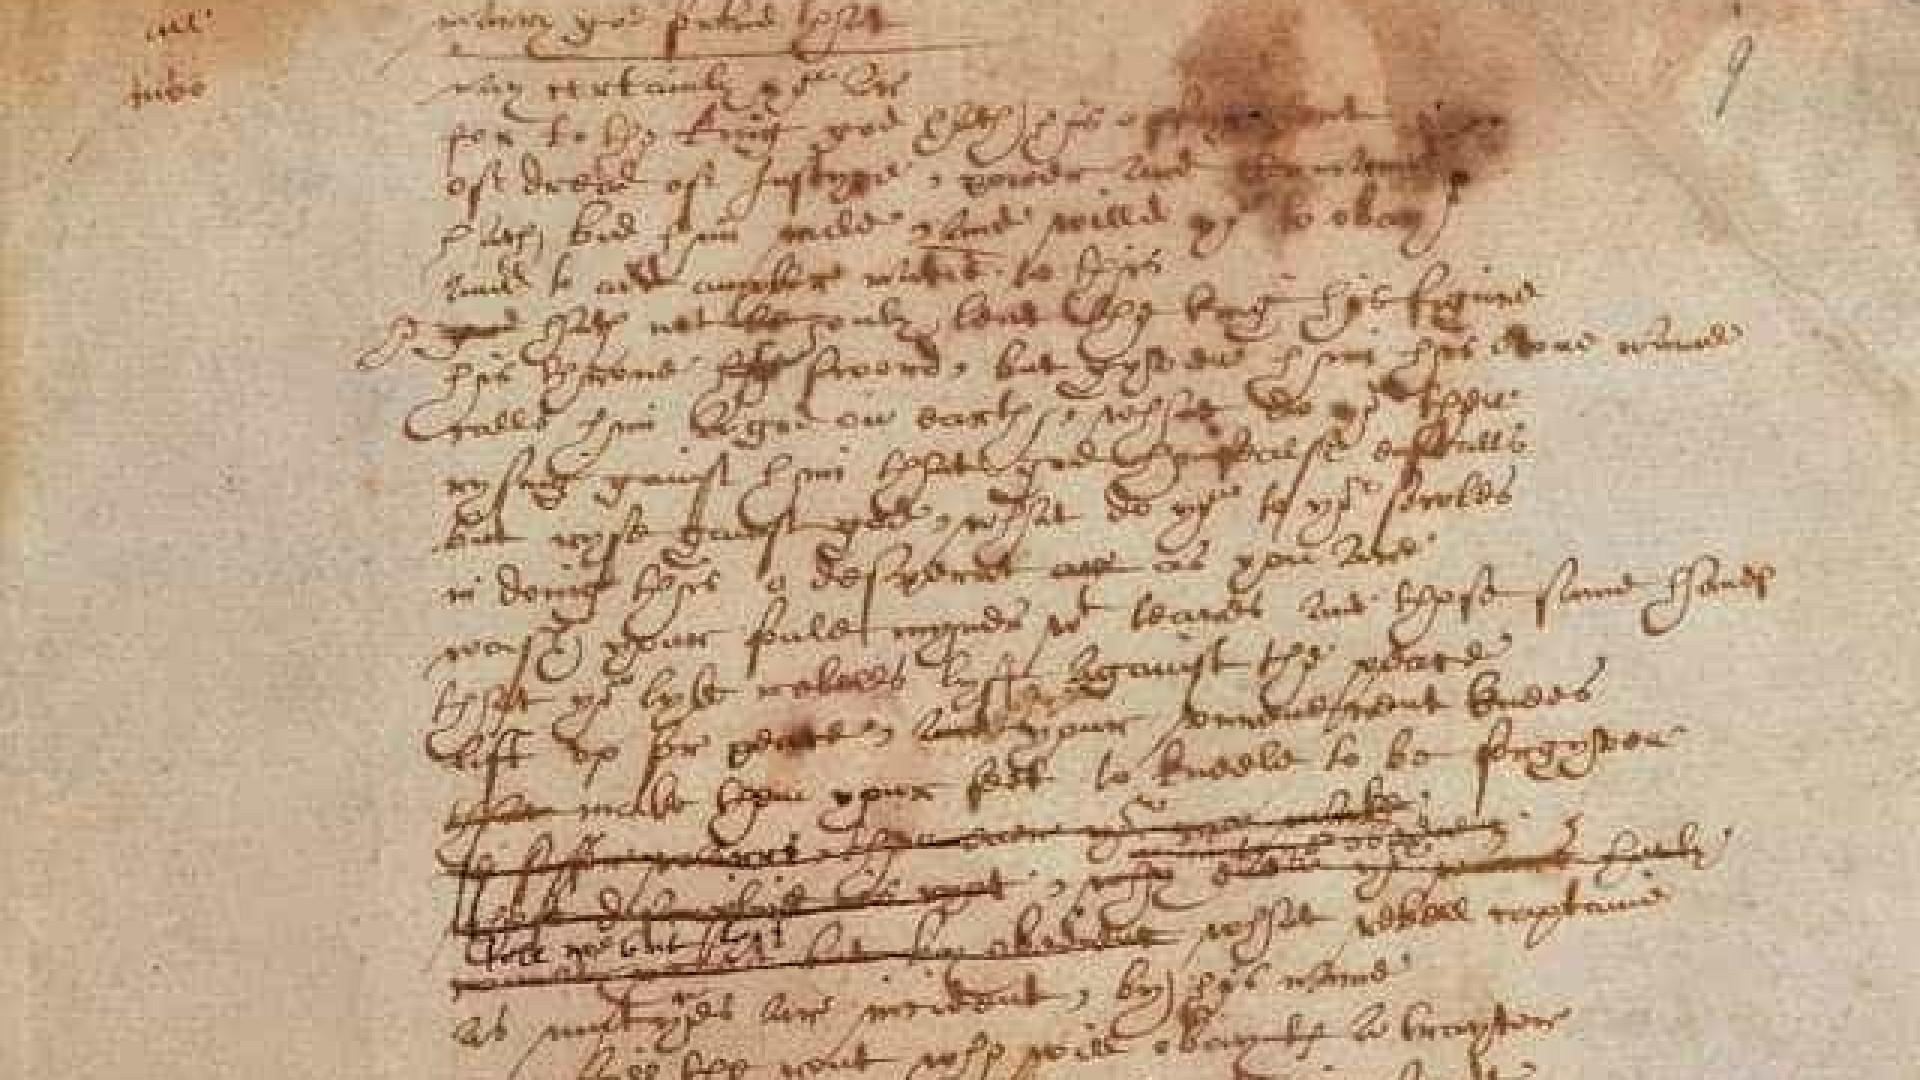 Cientistas italianos decifram carta 'escrita pelo diabo' no século XVI